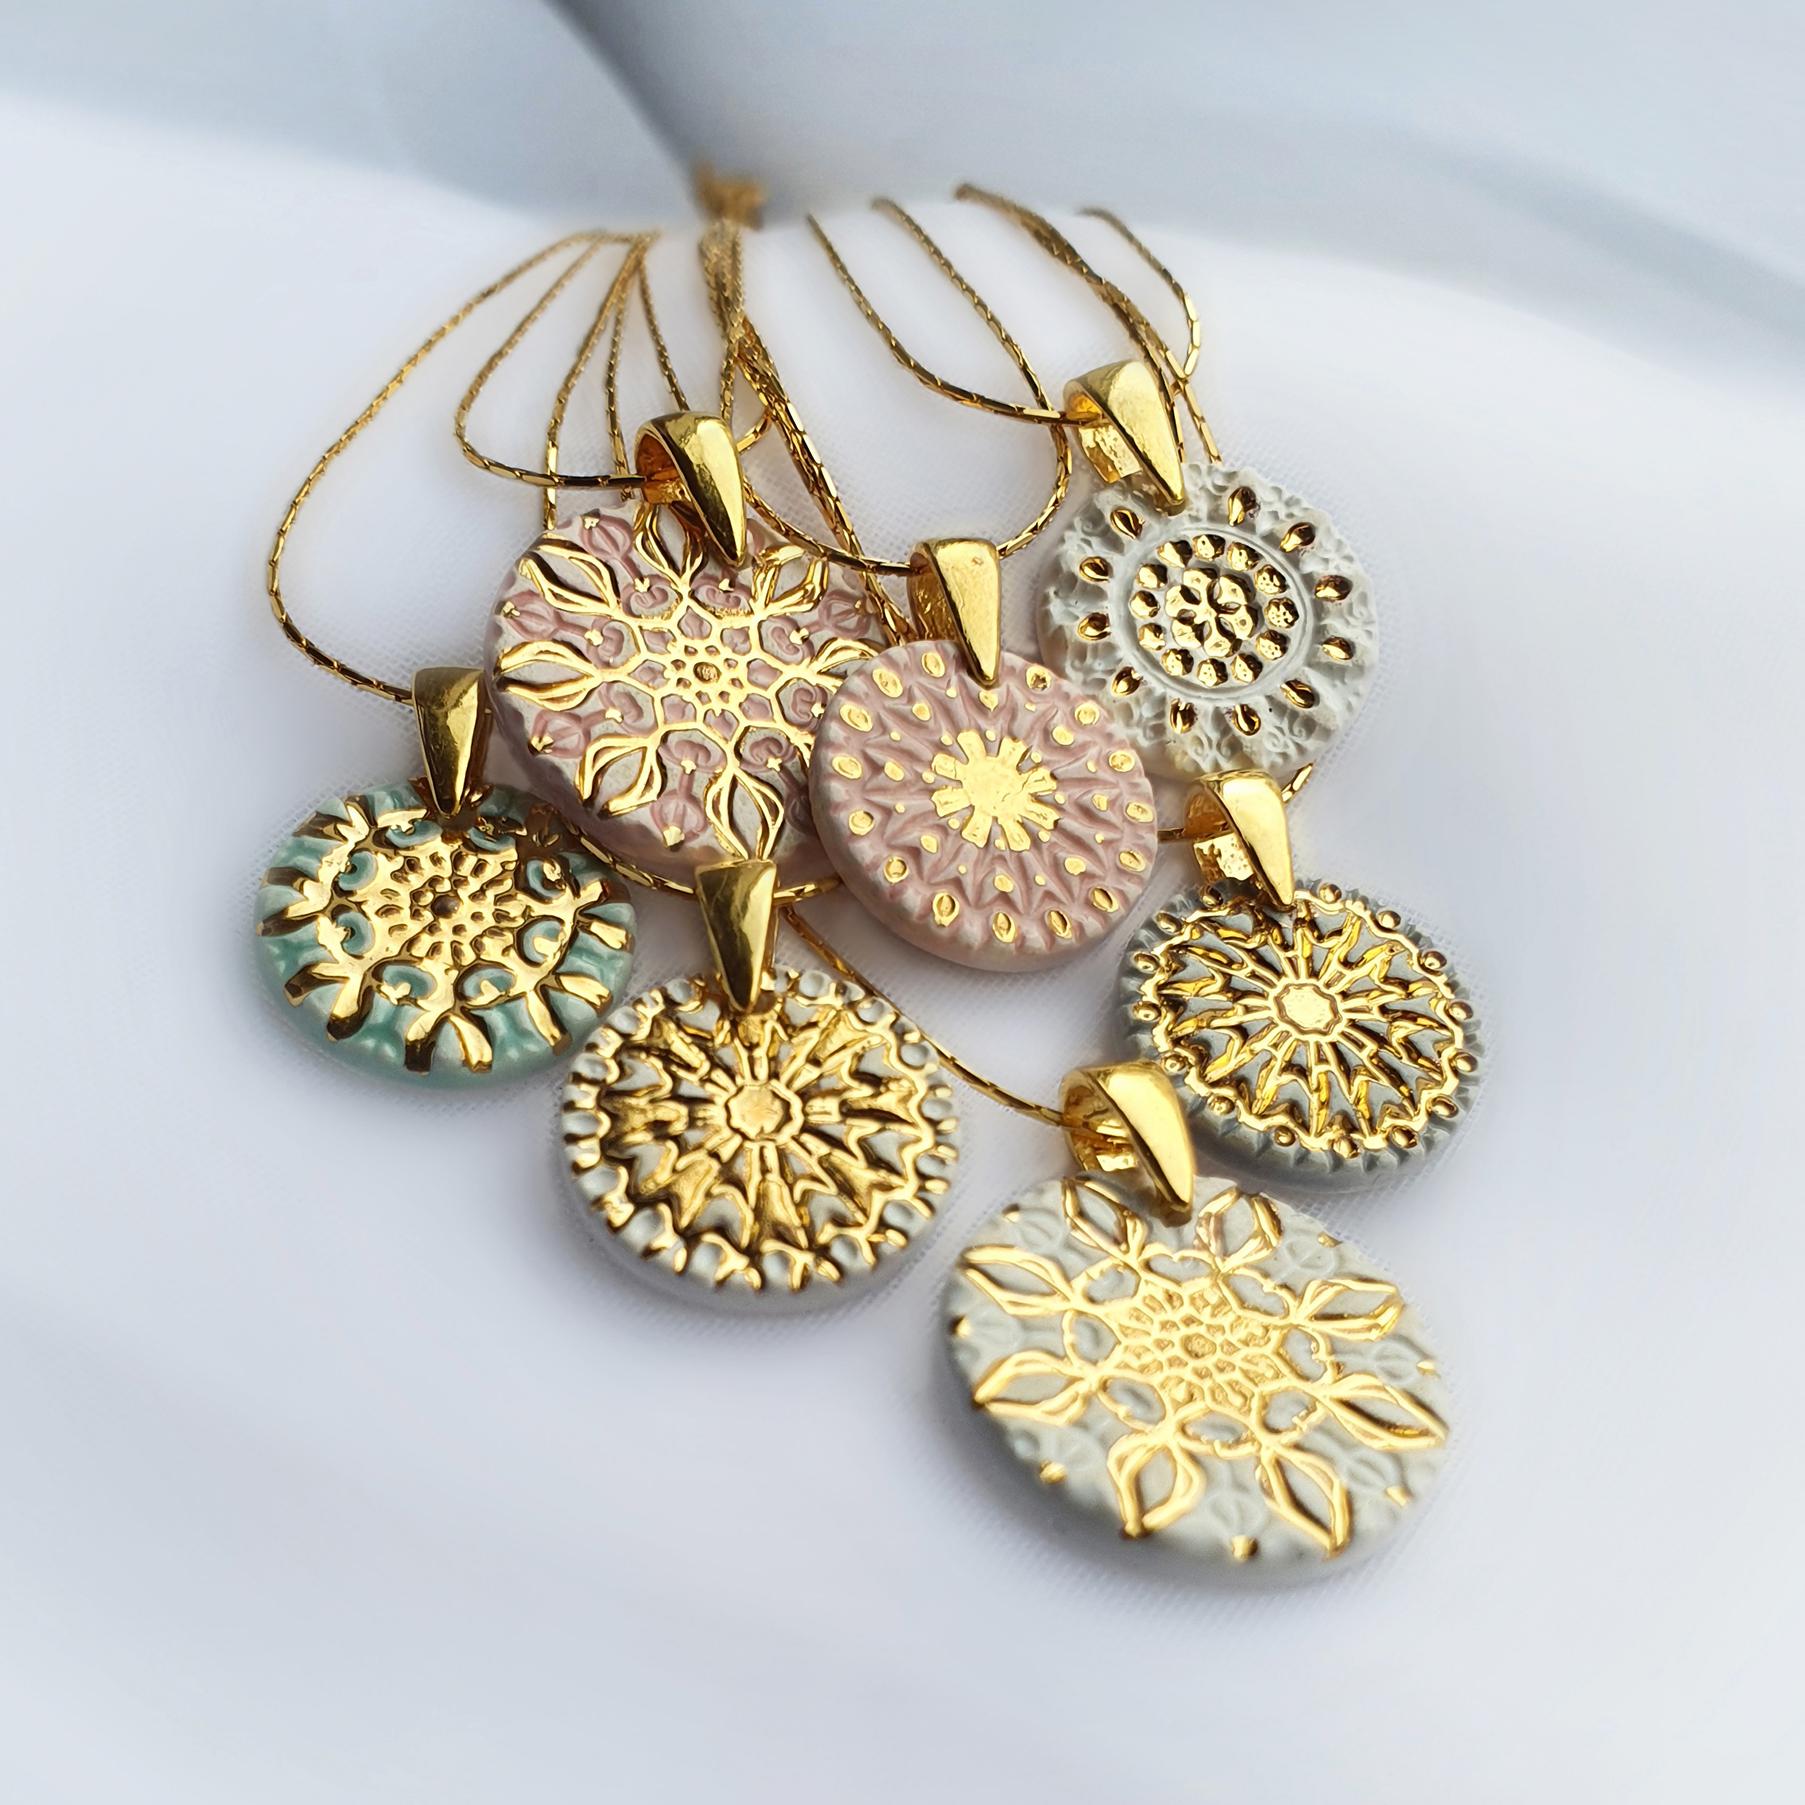 Pastelowy naszyjnik mandala ozdobiony złotem (290zł – 360zł) – do wyboru zostało 5 z 7 naszyjników